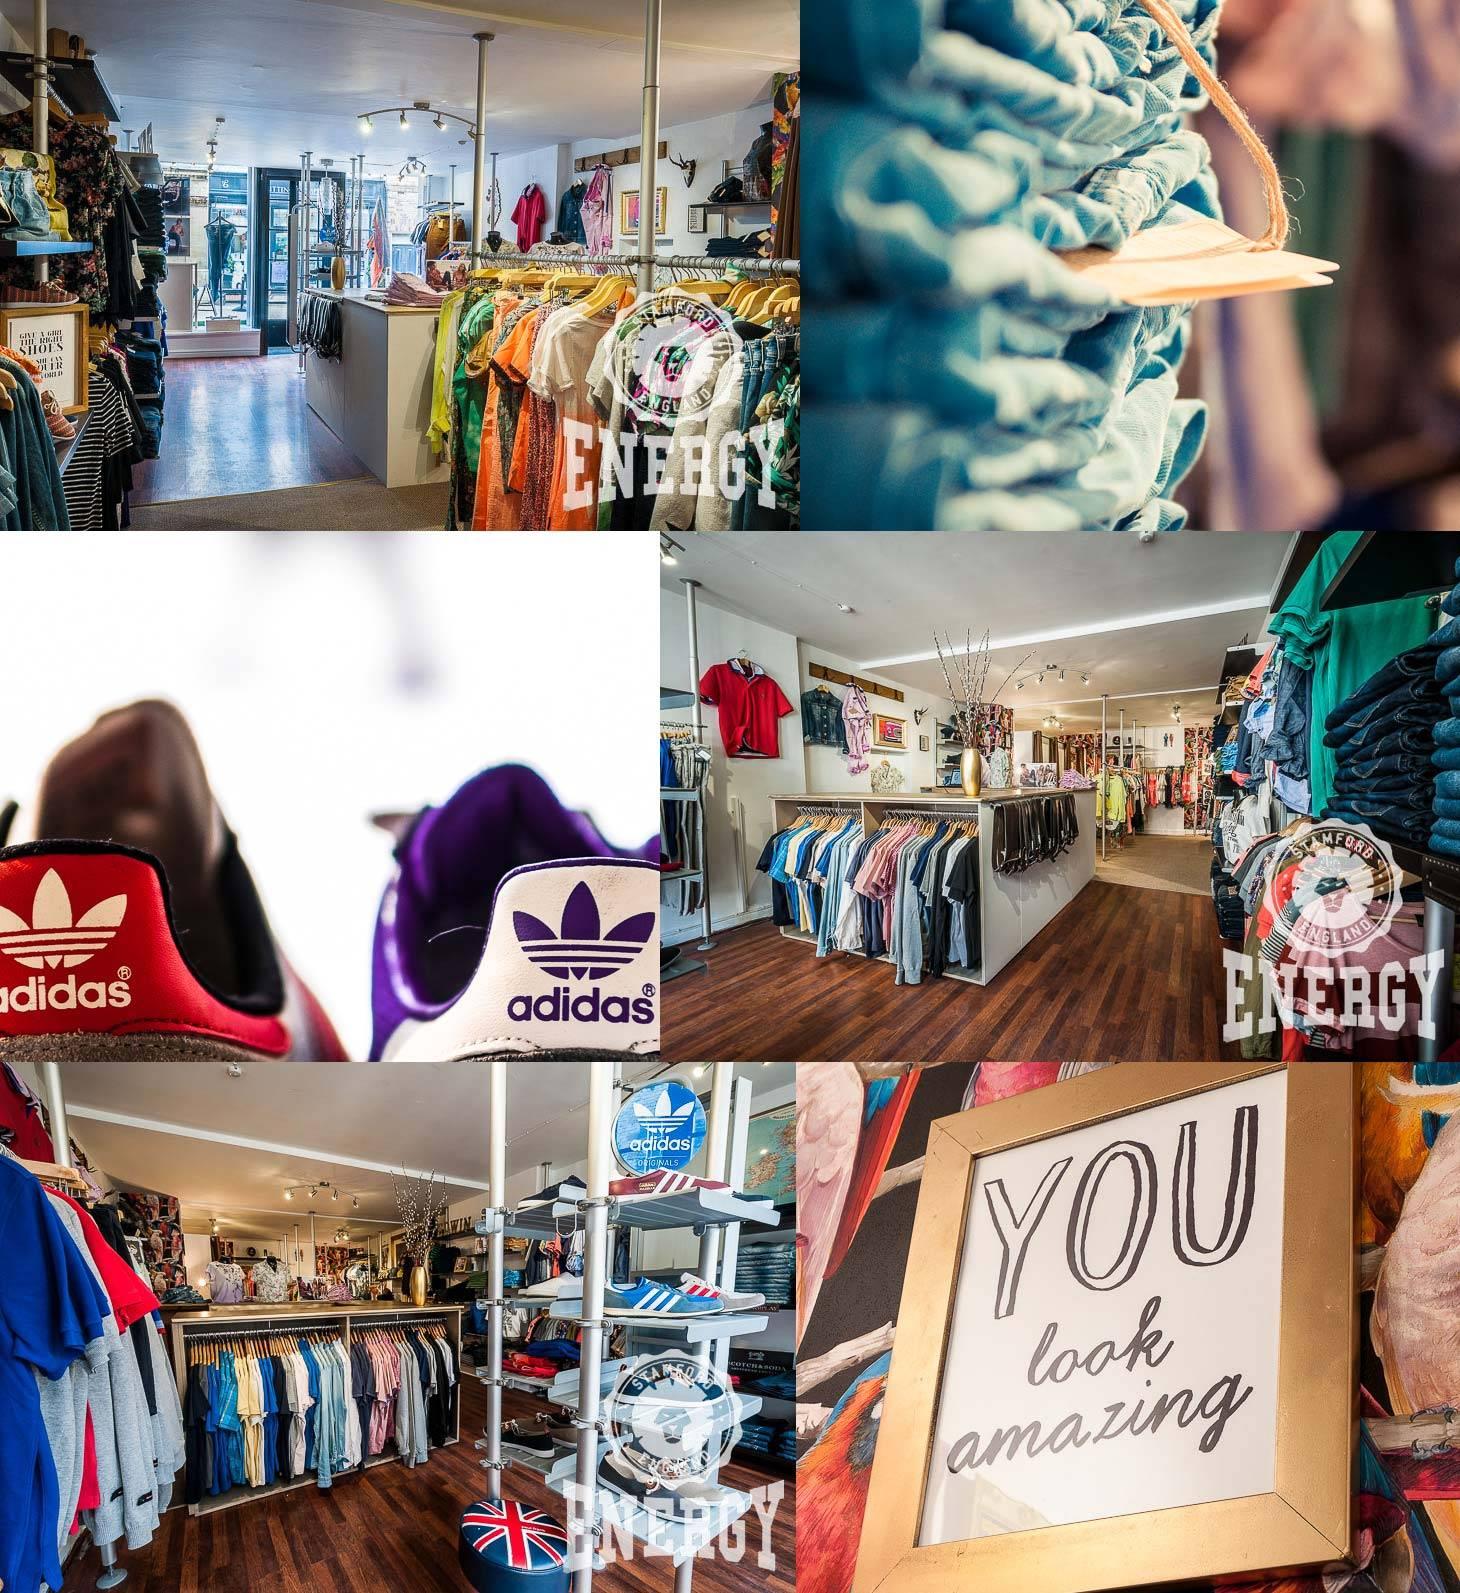 energy-clothing-stamford